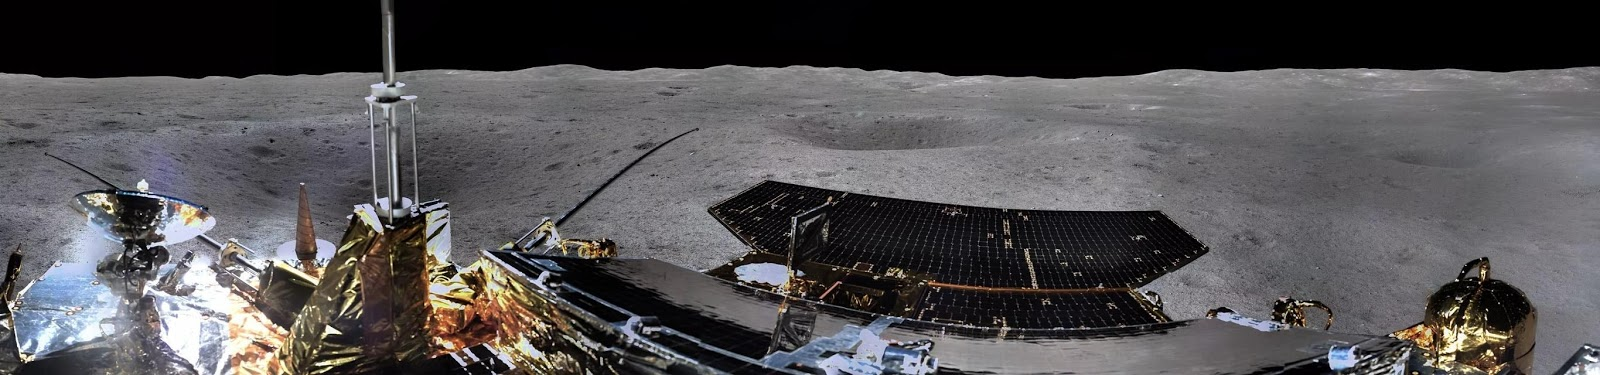 Fotografía panorámica del lado oculto de la Luna